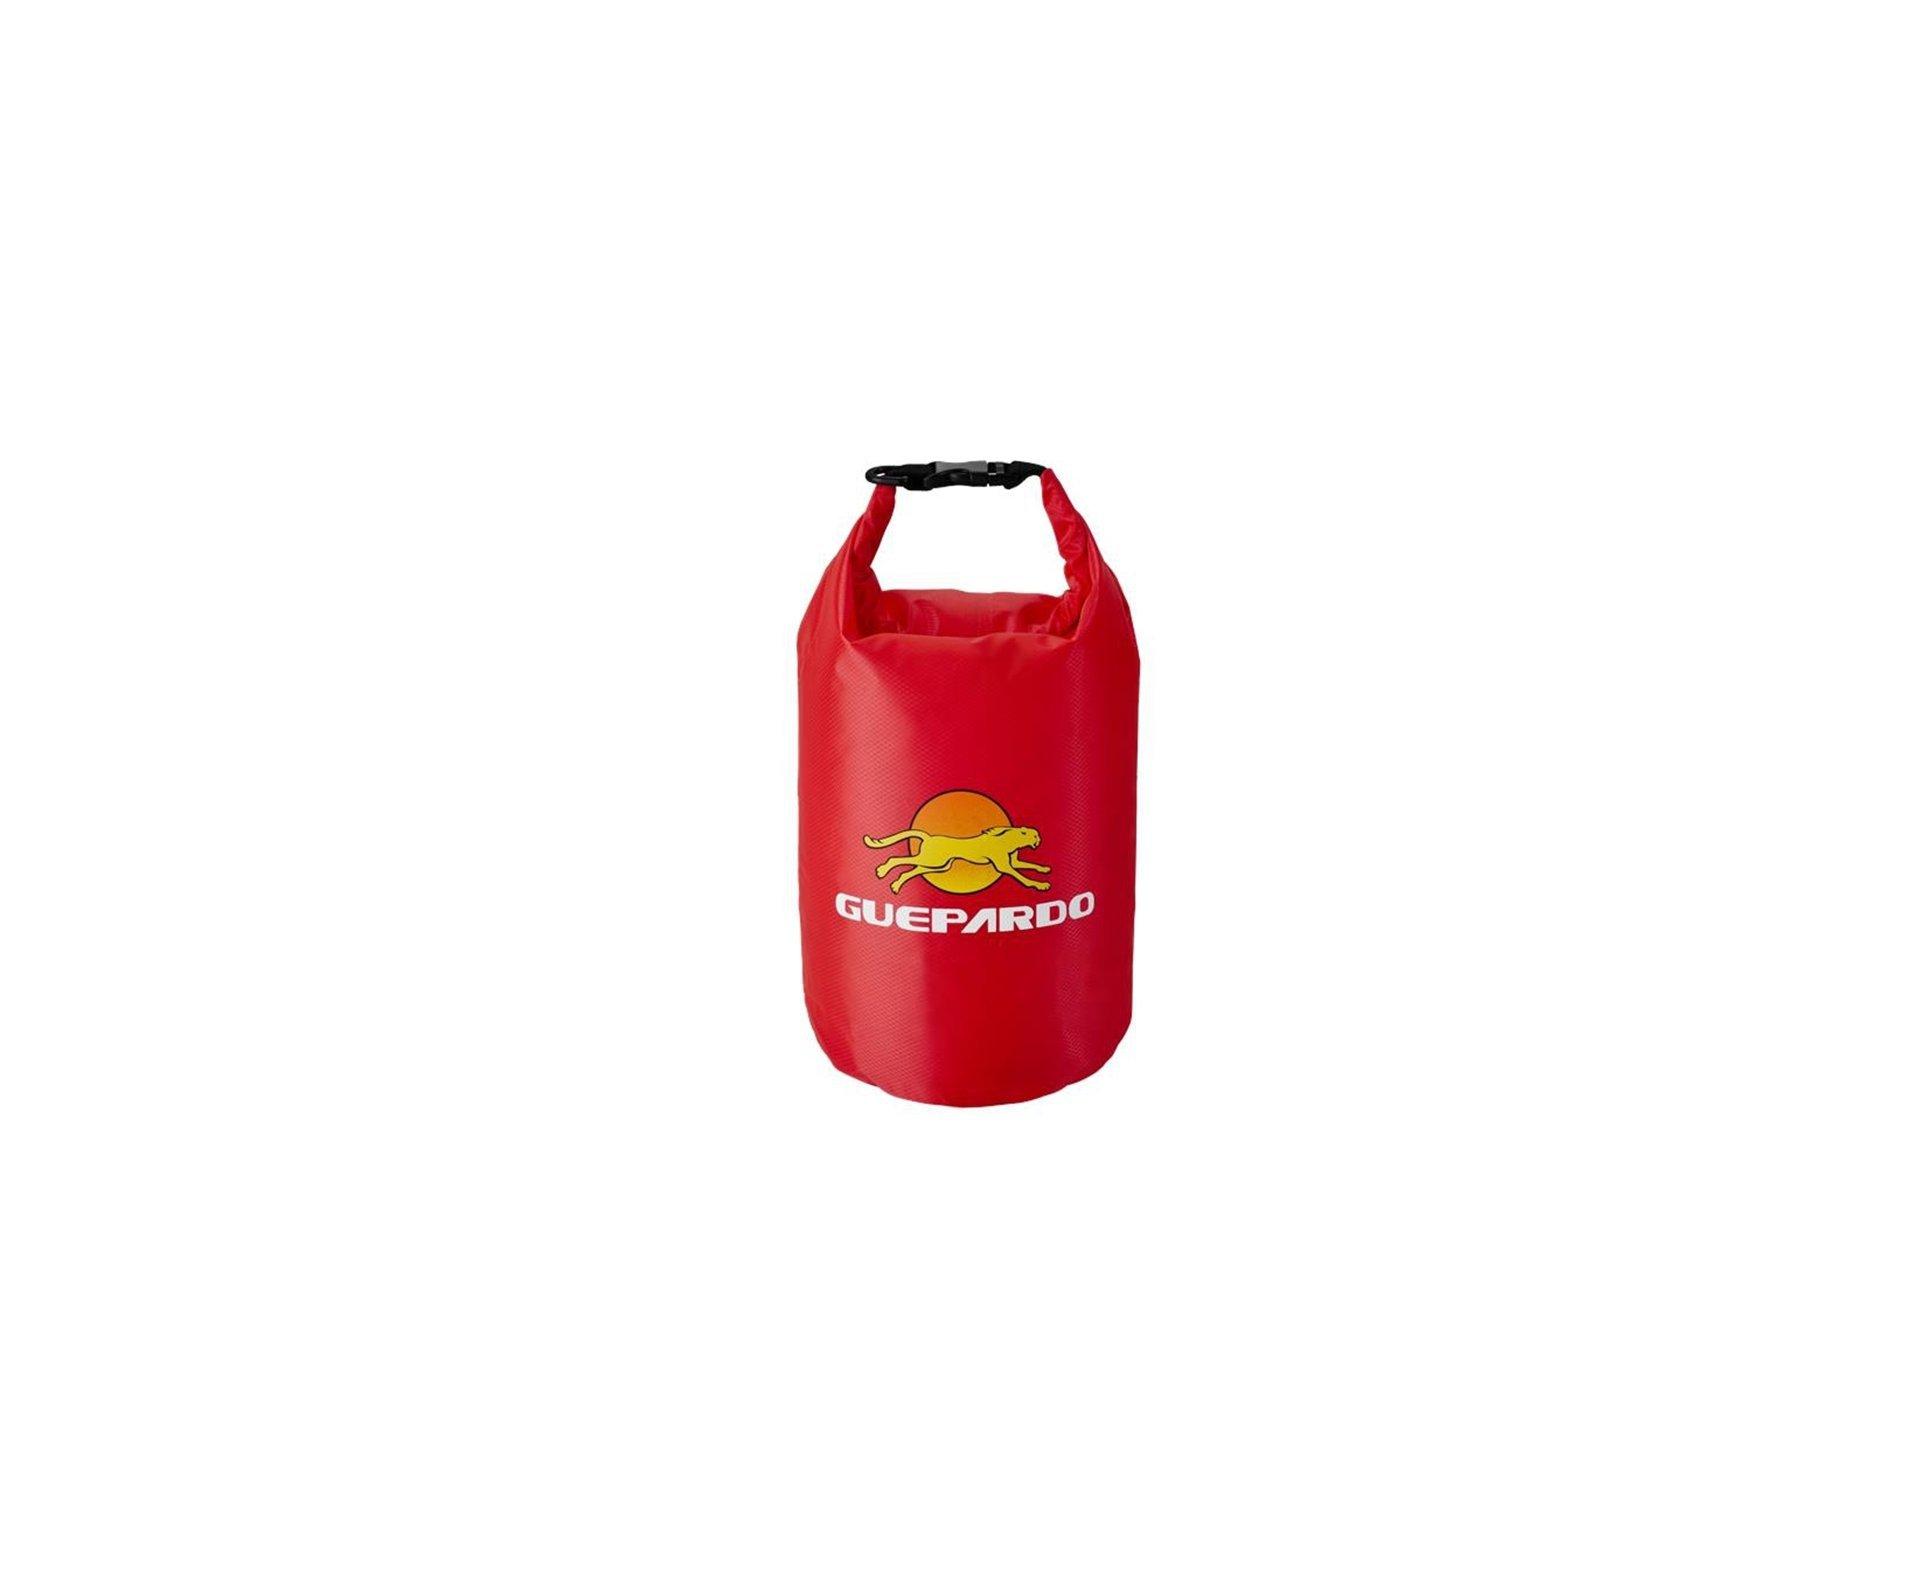 Saco Estanque Keep Dry Vermelho 5 Lts - Guepardo